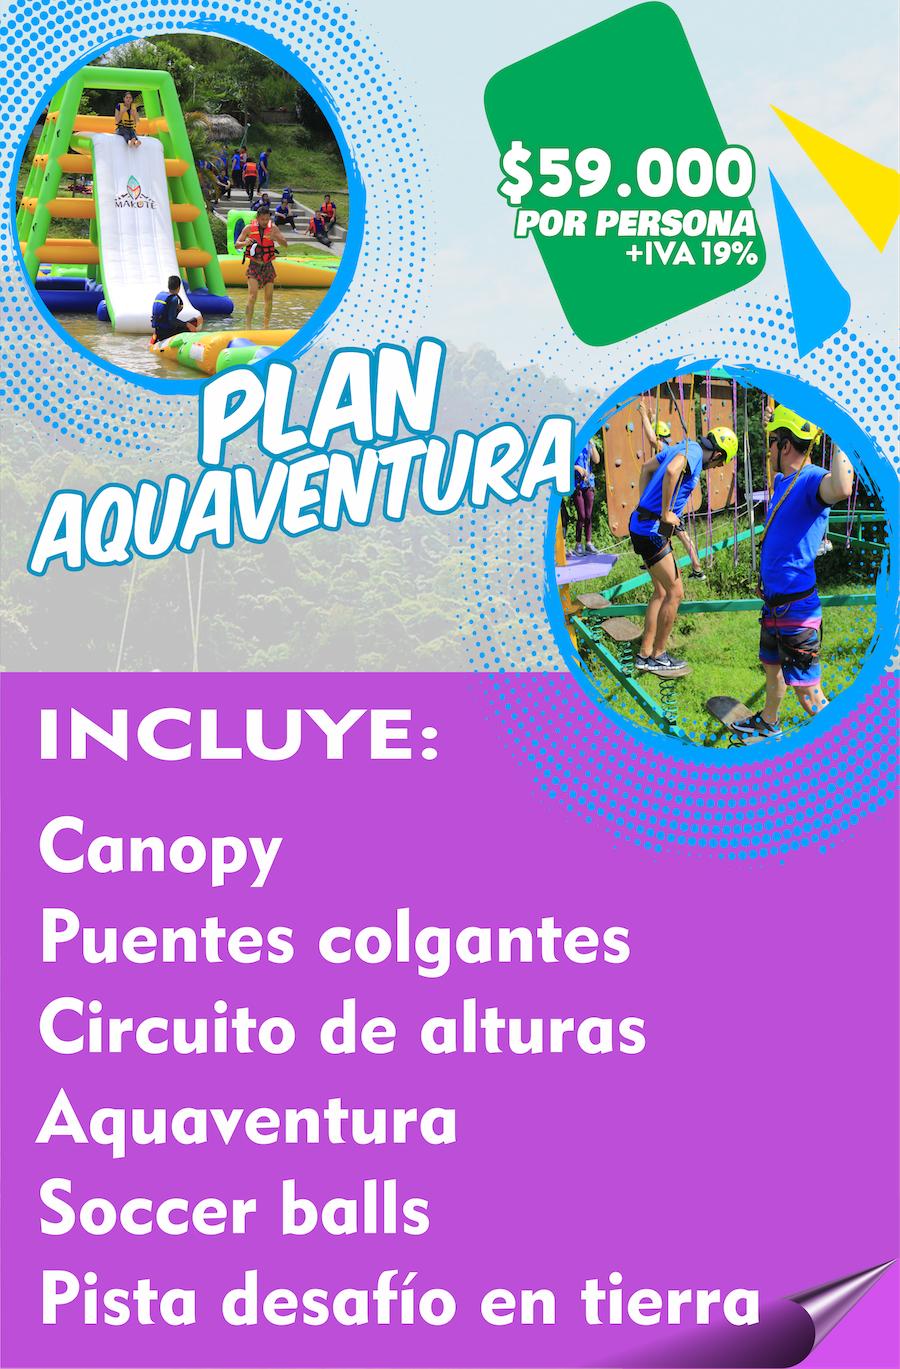 Plan Aquaventura